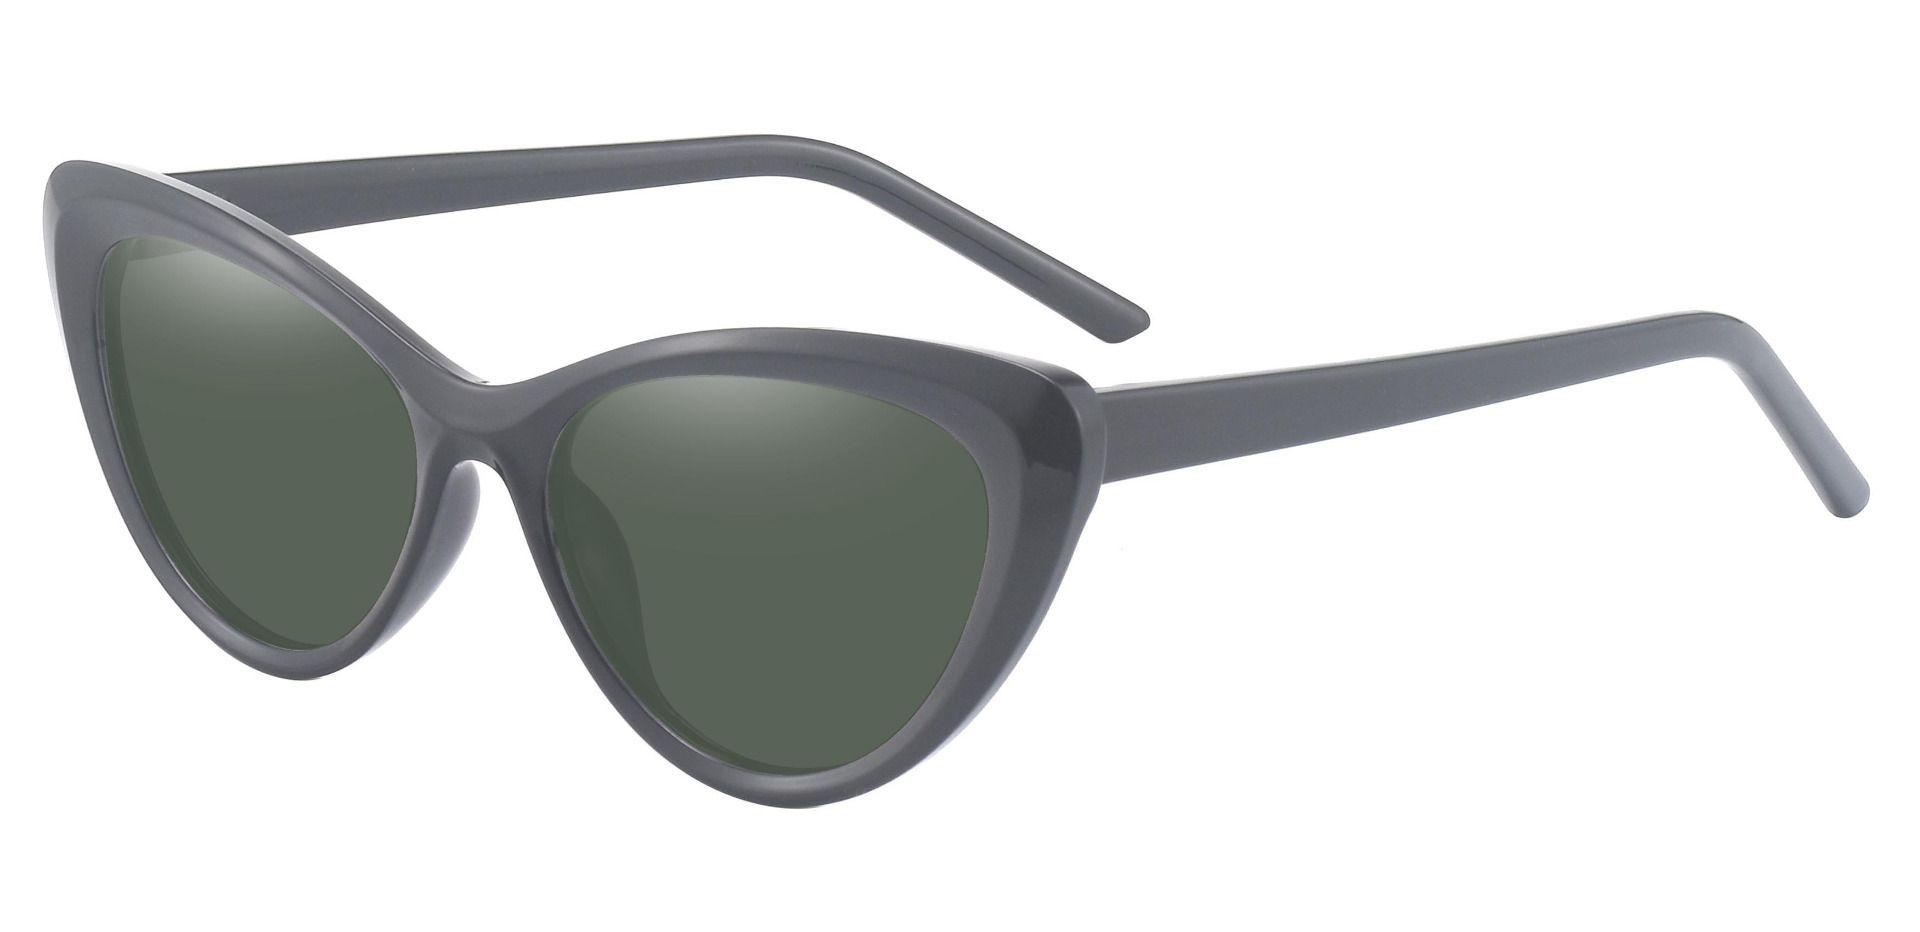 Gemini Cat Eye Progressive Sunglasses - Black Frame With Green Lenses